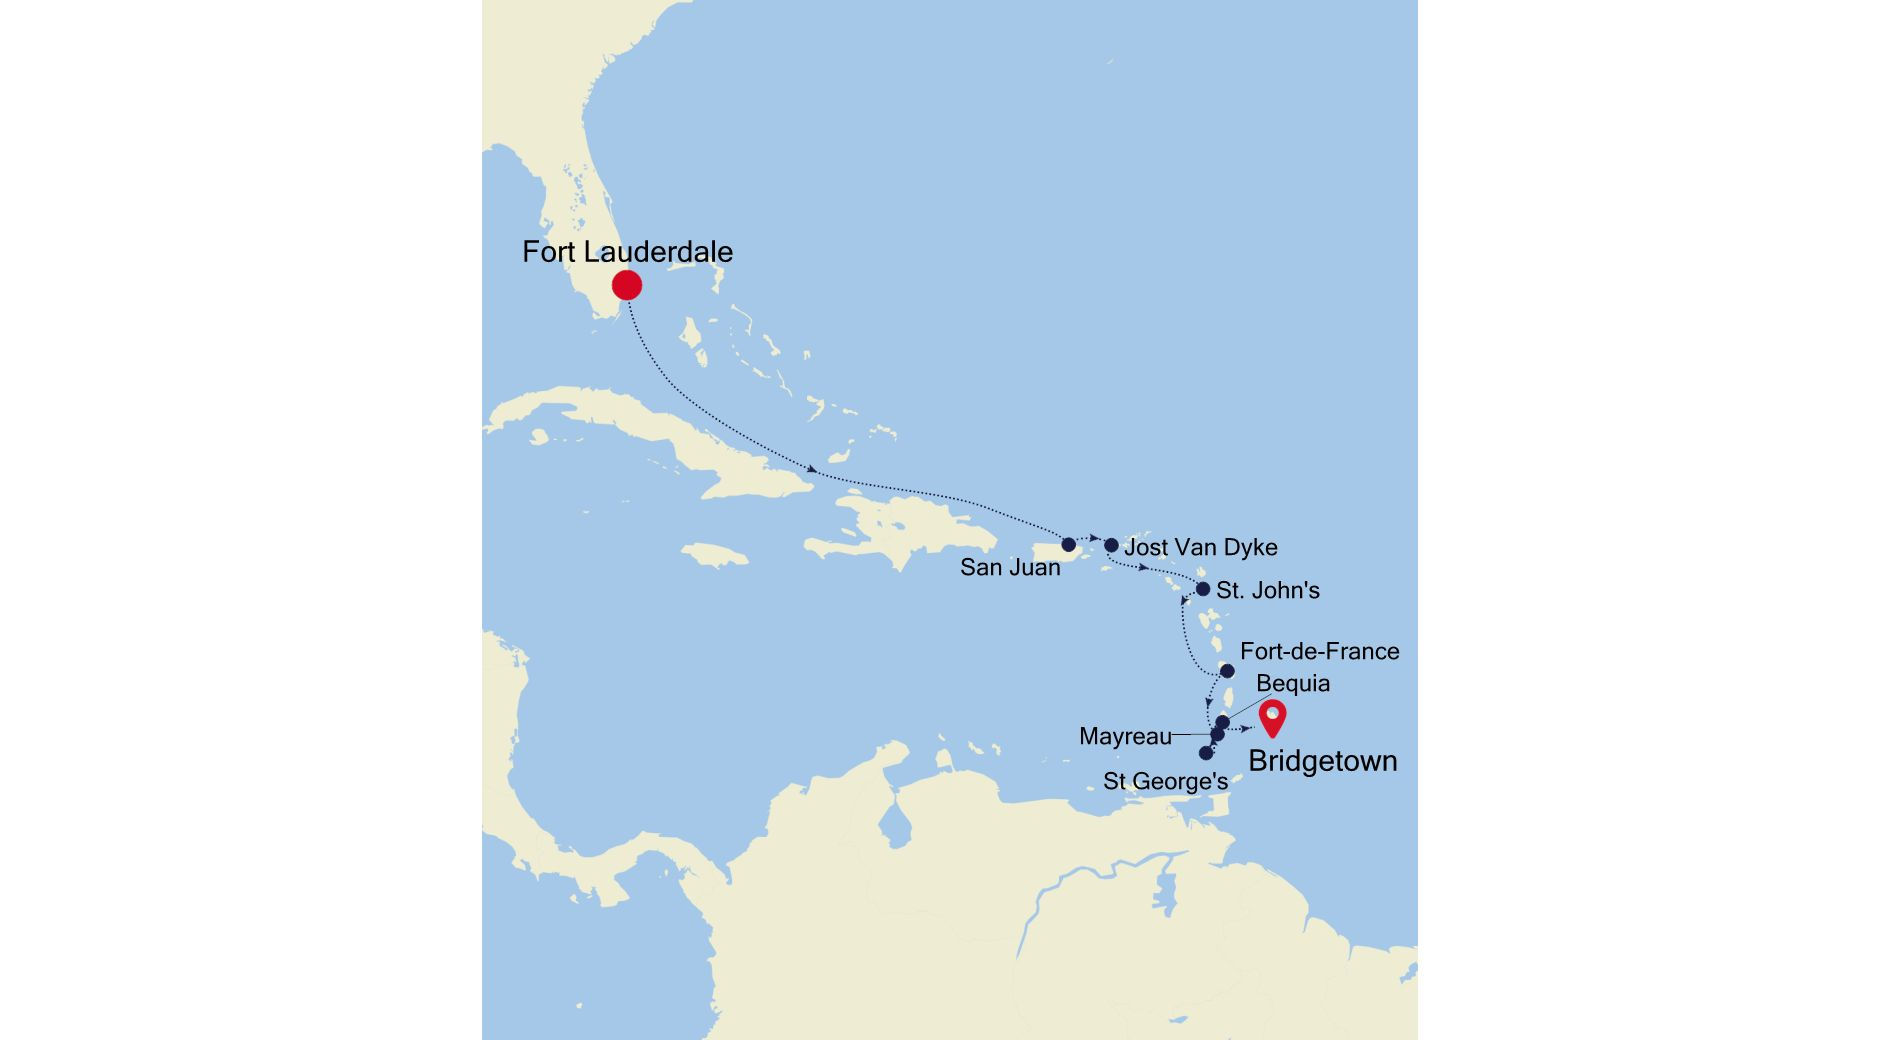 WH201110010 - Fort Lauderdale nach Bridgetown